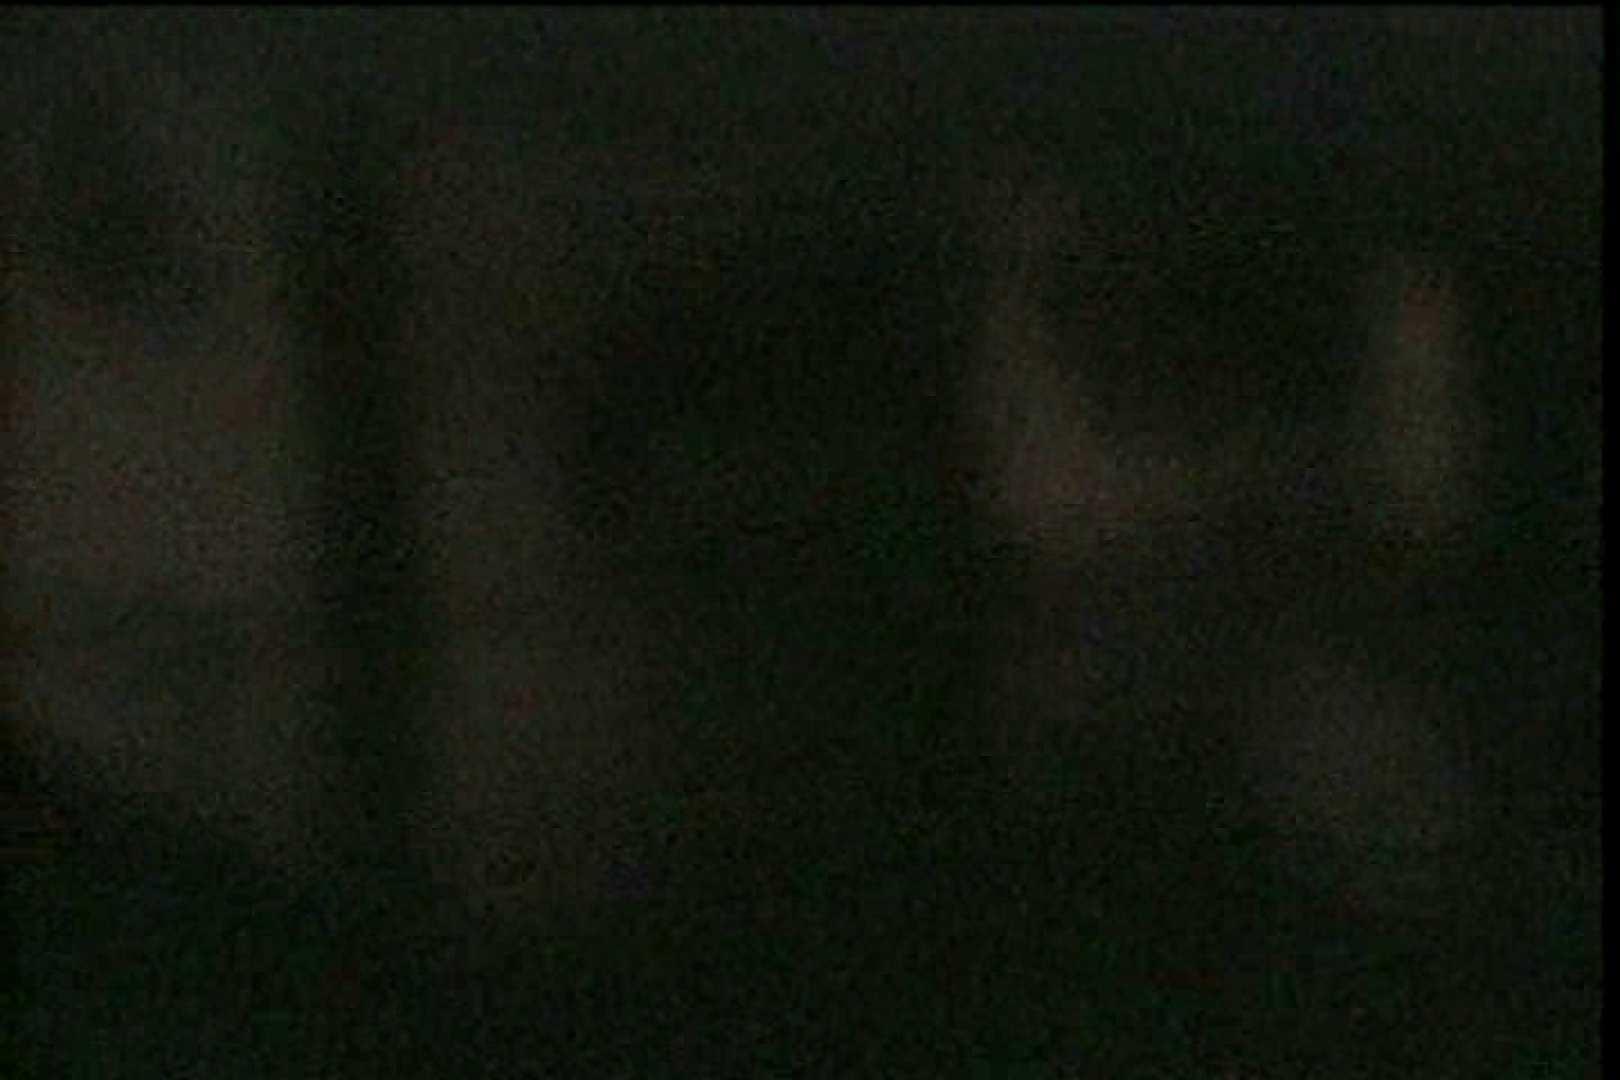 闇の仕掛け人 無修正版 Vol.19 OLエロ画像   フリーハンド  102PICs 1